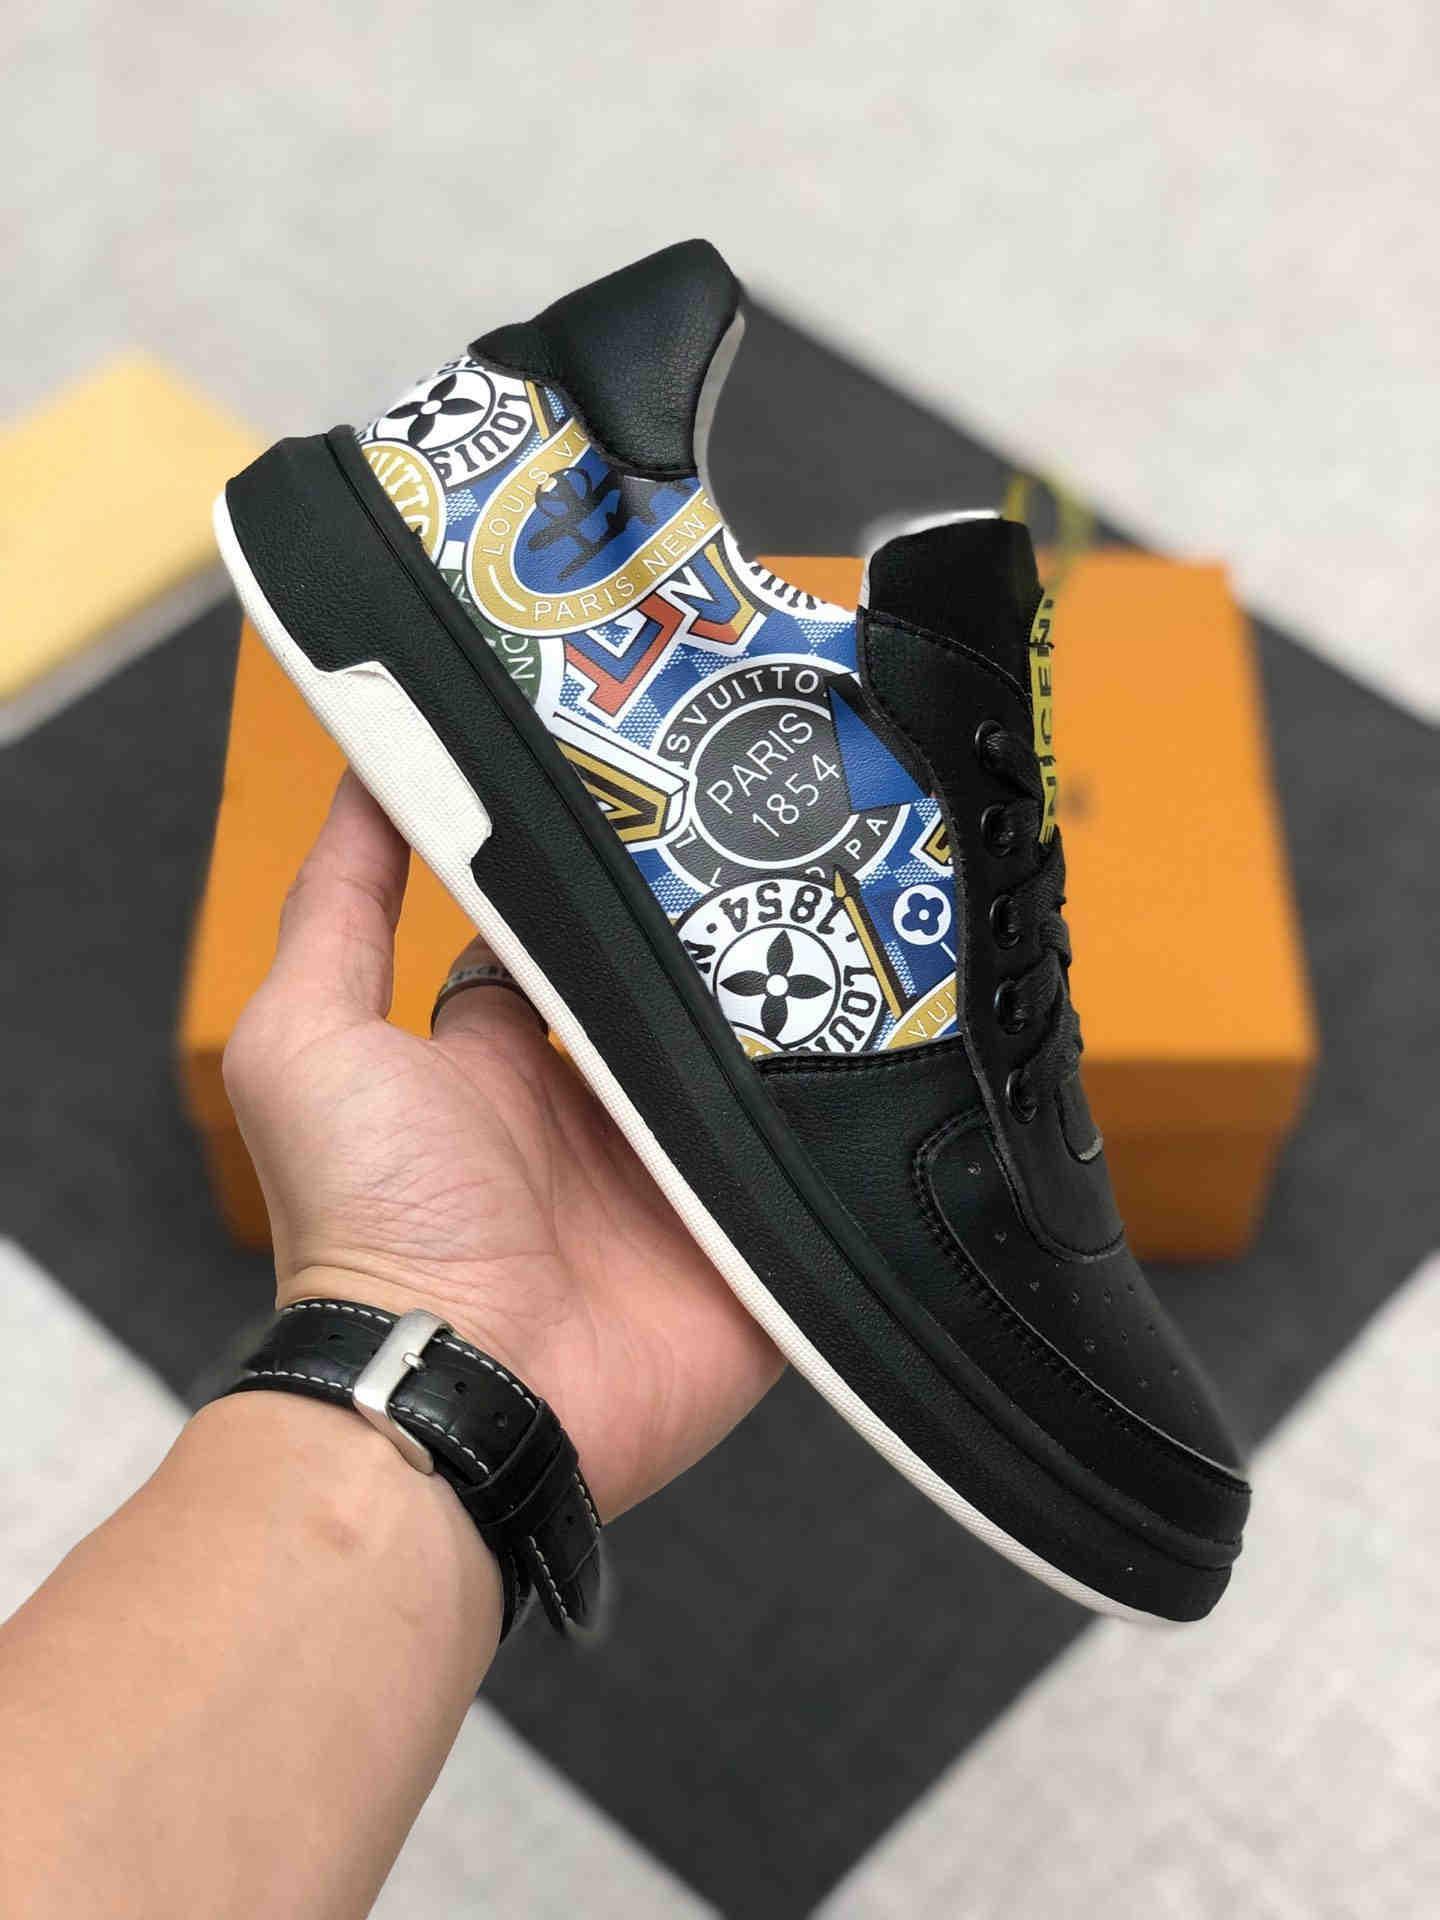 2020 YENİ WH erkek moda rahat ayakkabılar yüksek kaliteli erkek spor ayakkabısı lüks tasarım erkekler rahat ayakkabılar